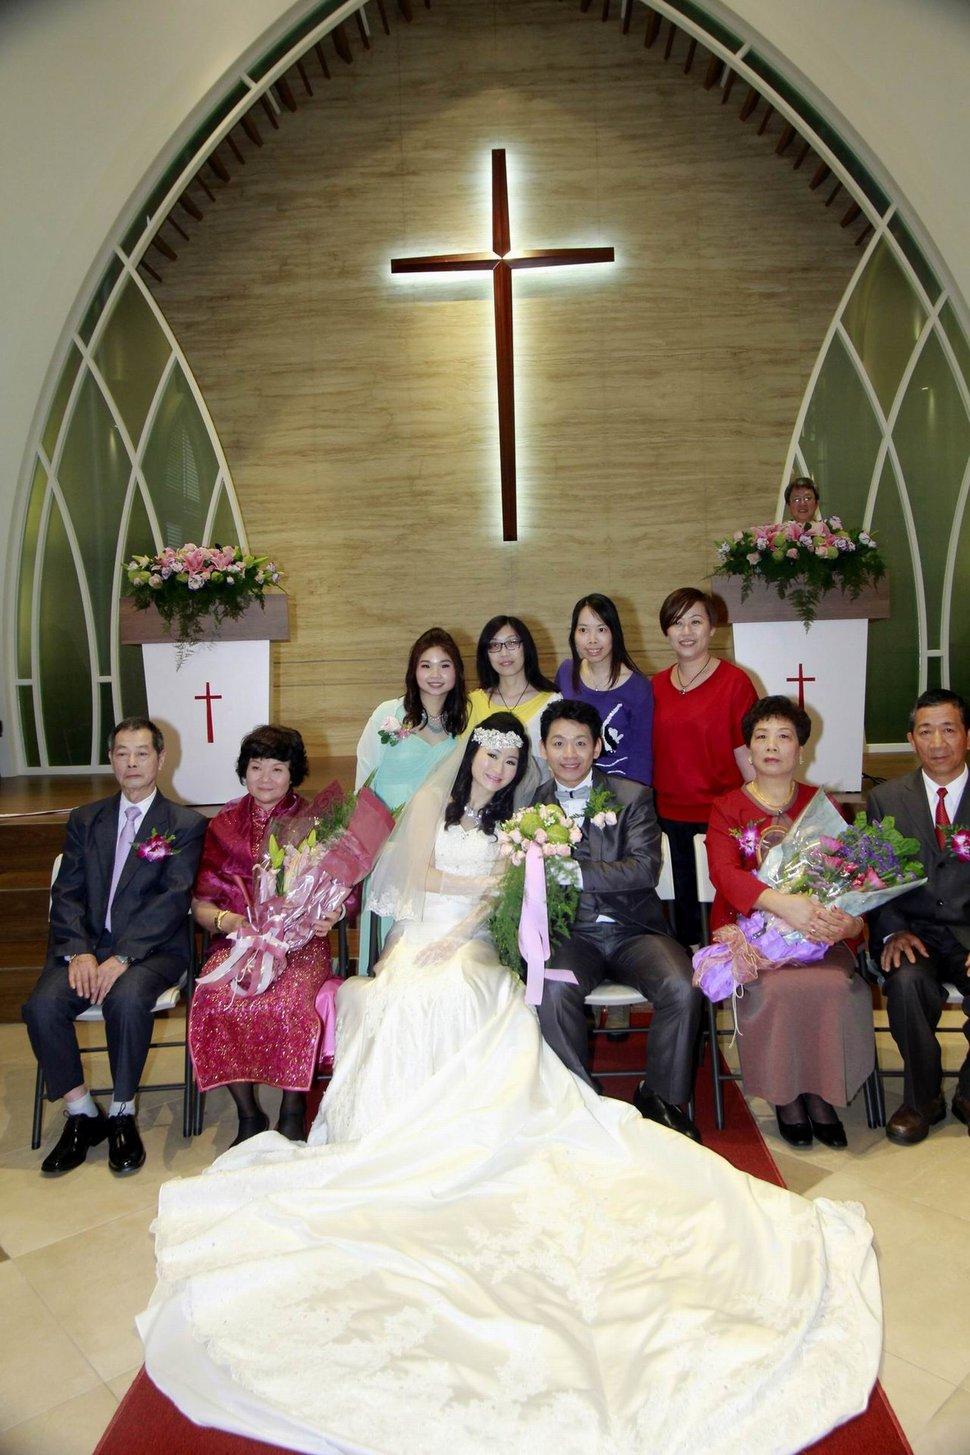 婚禮記錄汐止那米哥餐廳婚宴會館餐廳婚攝j婚錄結婚迎娶婚禮記錄動態微電影錄影專業錄影平面攝影婚禮紀錄婚攝婚錄主持人(編號:305649) - 蜜月拍照10800錄影12800攝影團隊 - 結婚吧